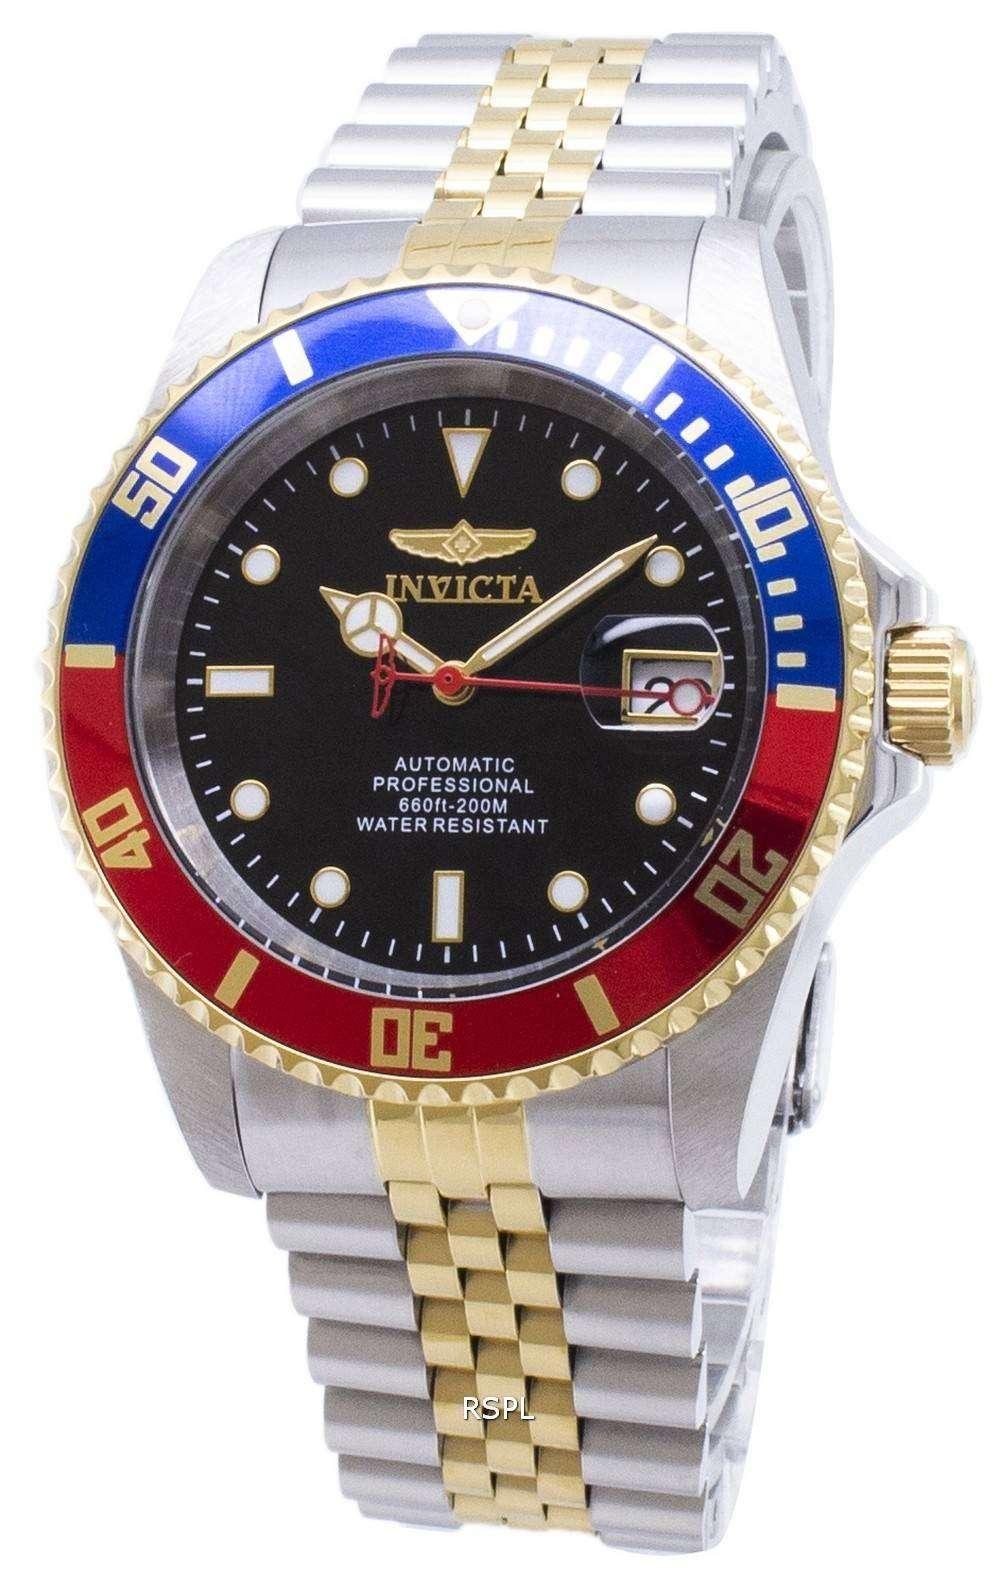 33243e991 Invicta Pro Diver Professional 29180 Automatic Analog 200M Men's Watch